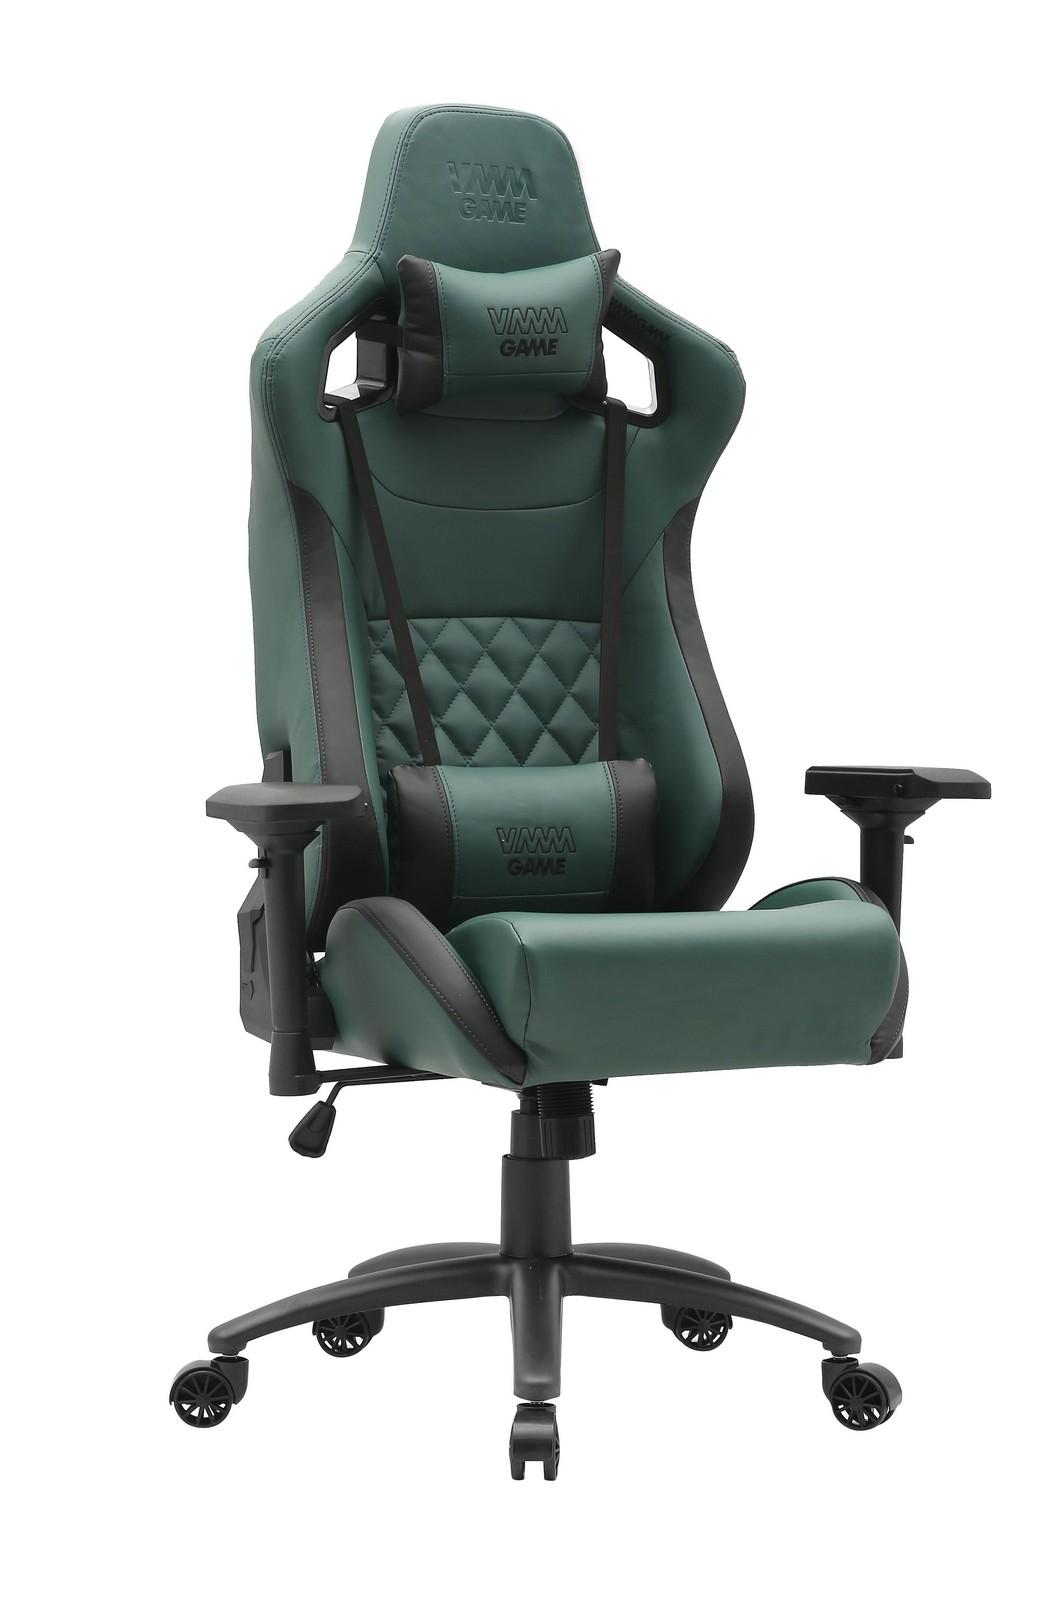 Кресло игровое VMMGAME MAROON - Зеленый green